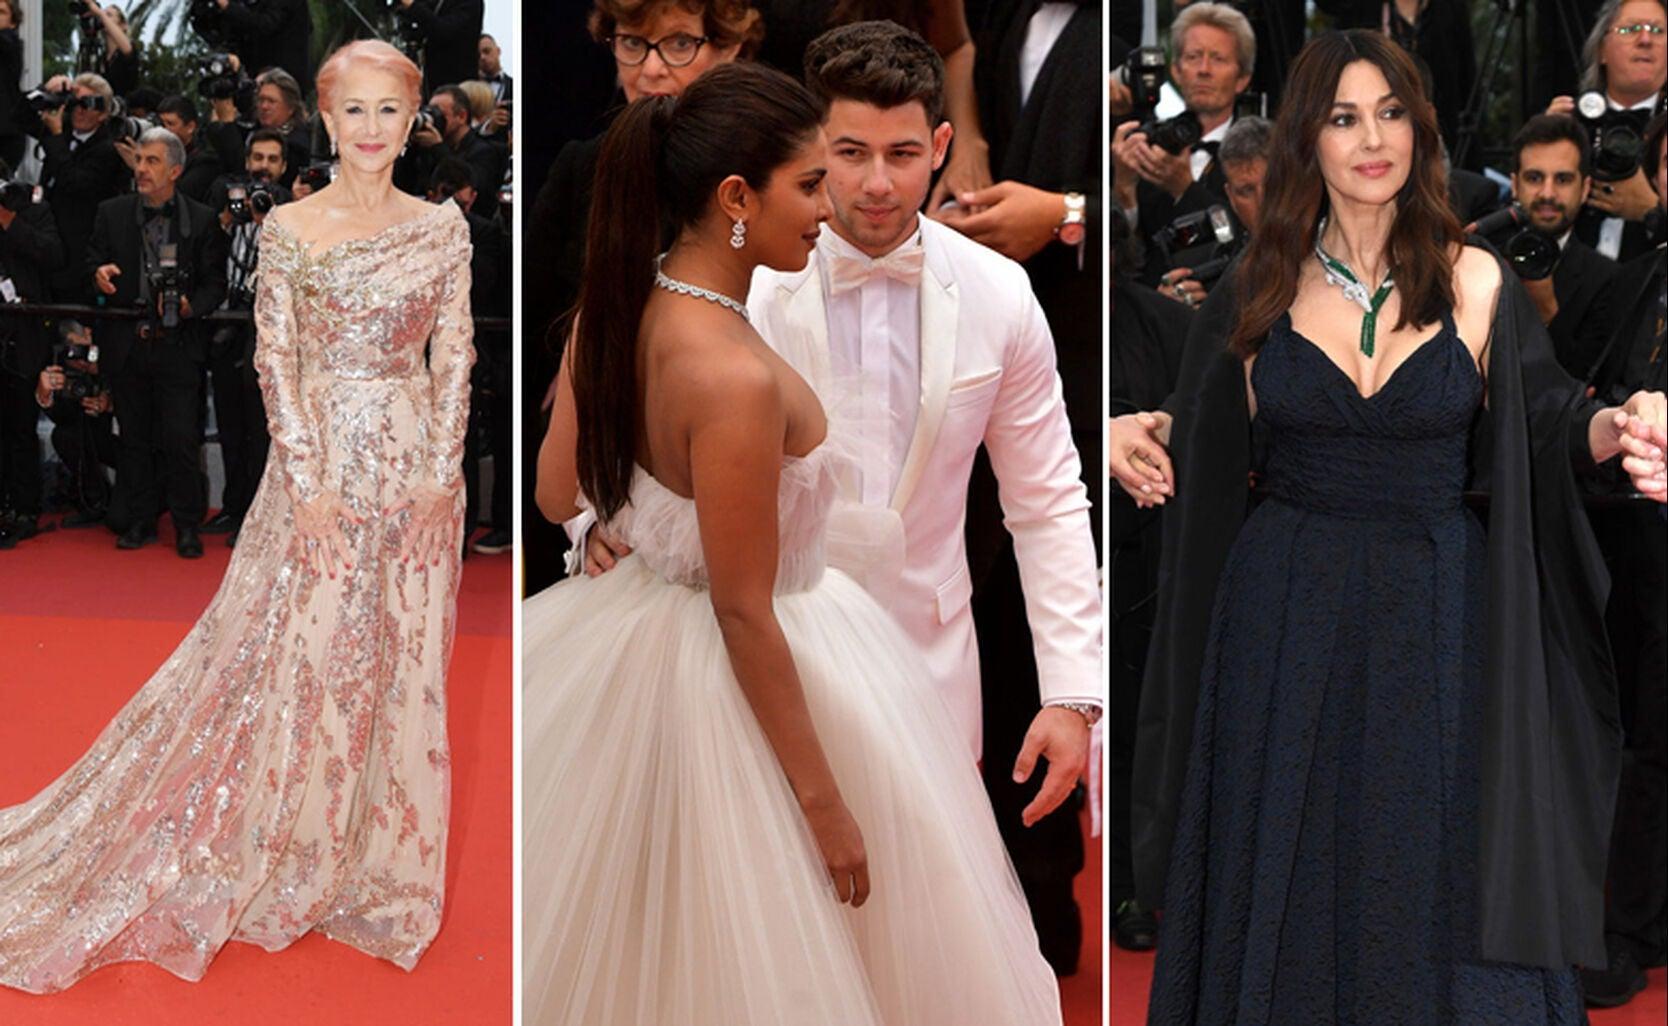 Dame Helen Mirren, Priyanka Chopra with Nick Jonas, Monica Bellucci